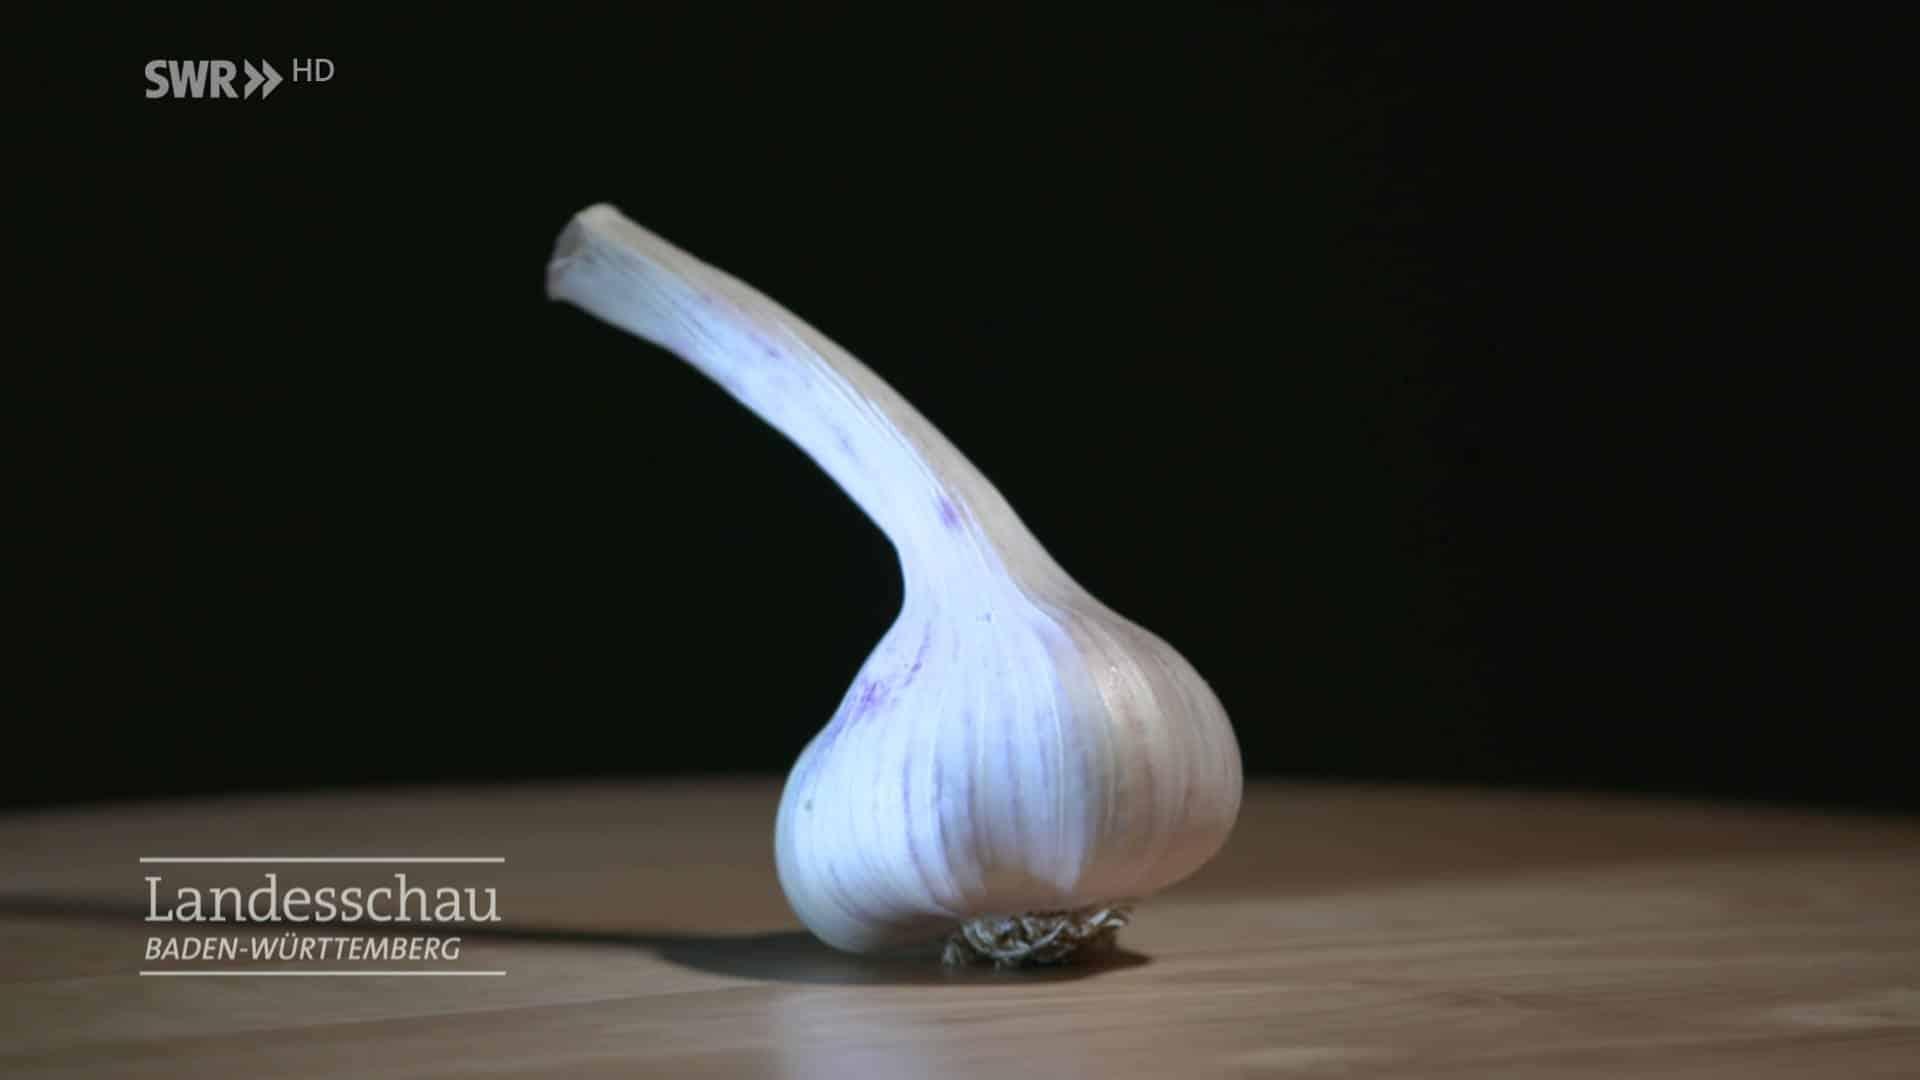 Knoblauch aber bitte ohne Geruch (SWR zu Black Garlic)